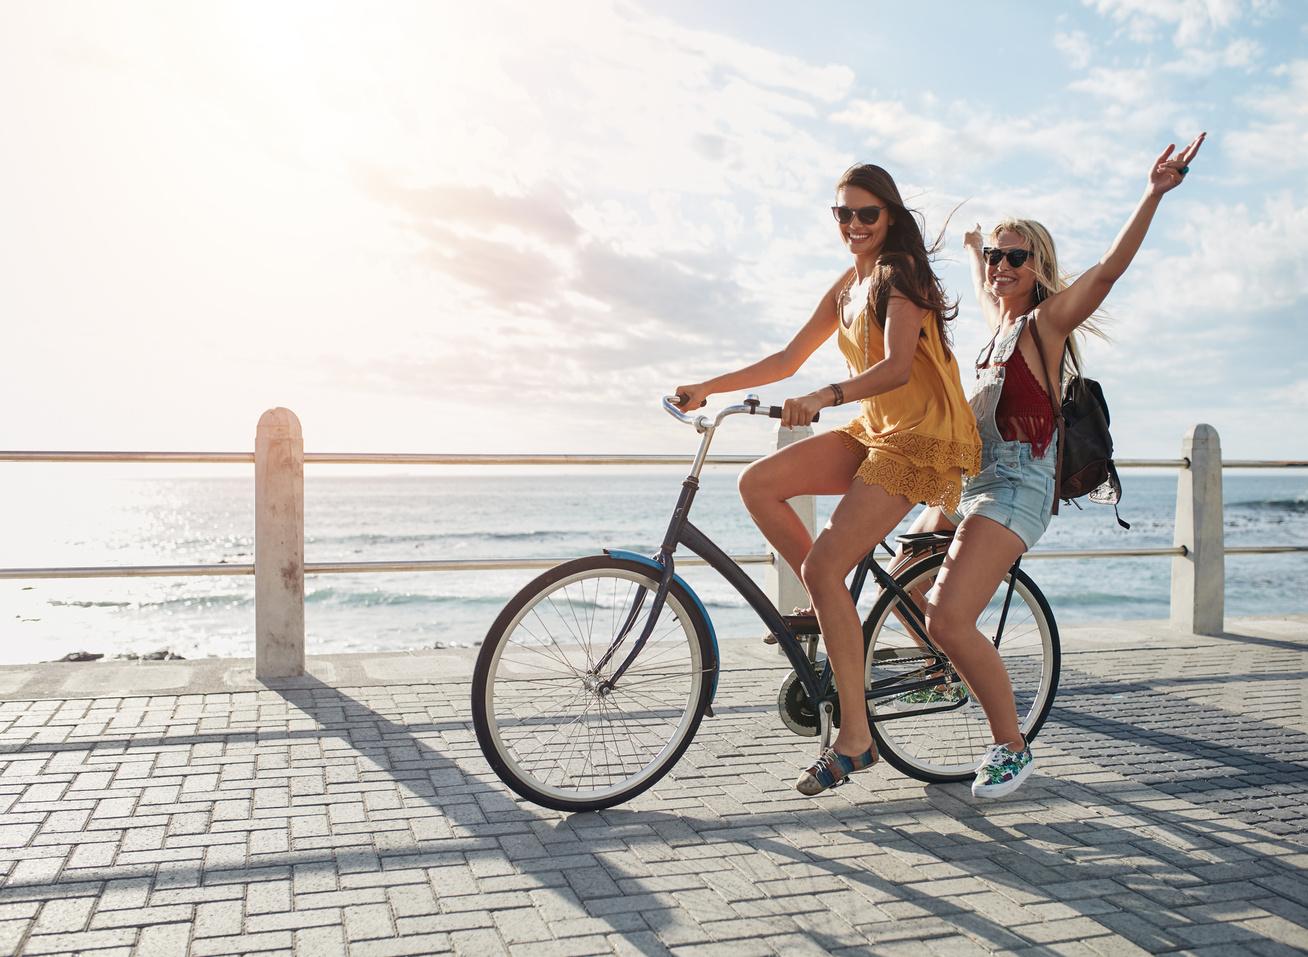 baratnok bicajoznak